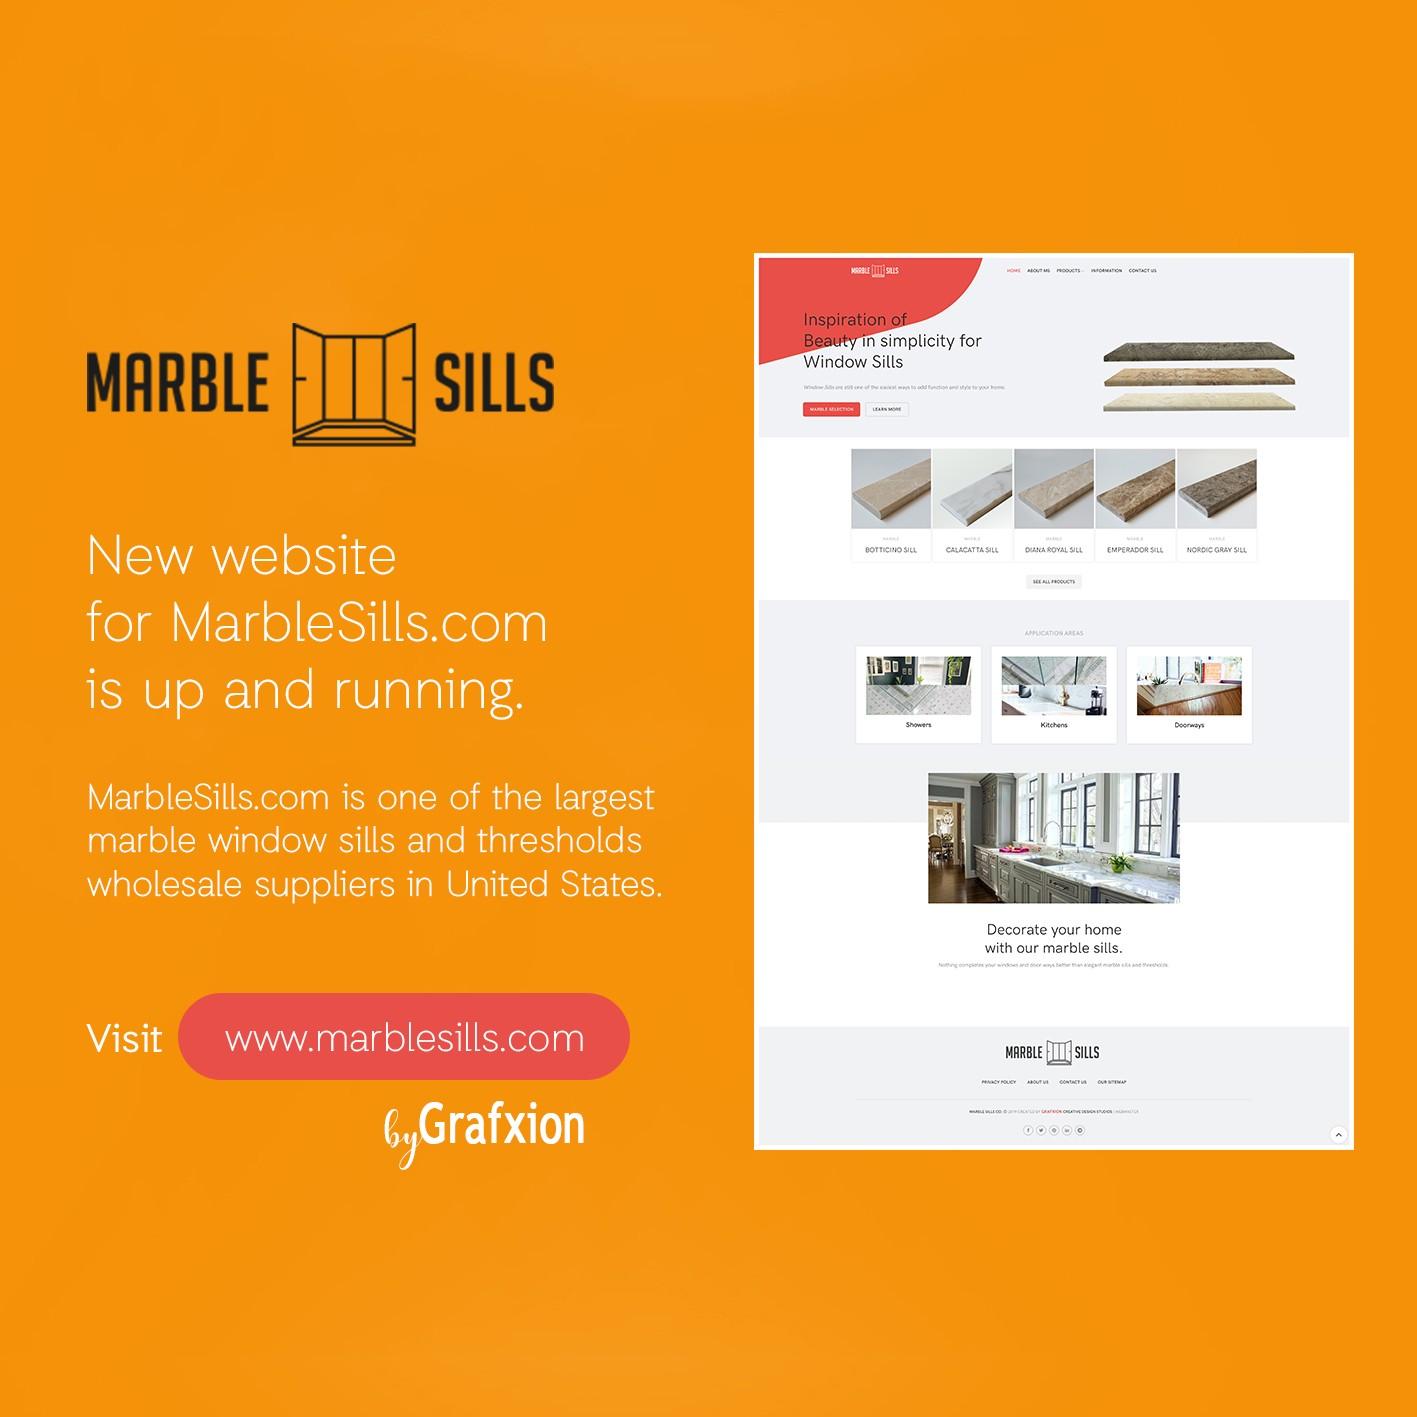 Grafxion-Client-MarbleSillsCom